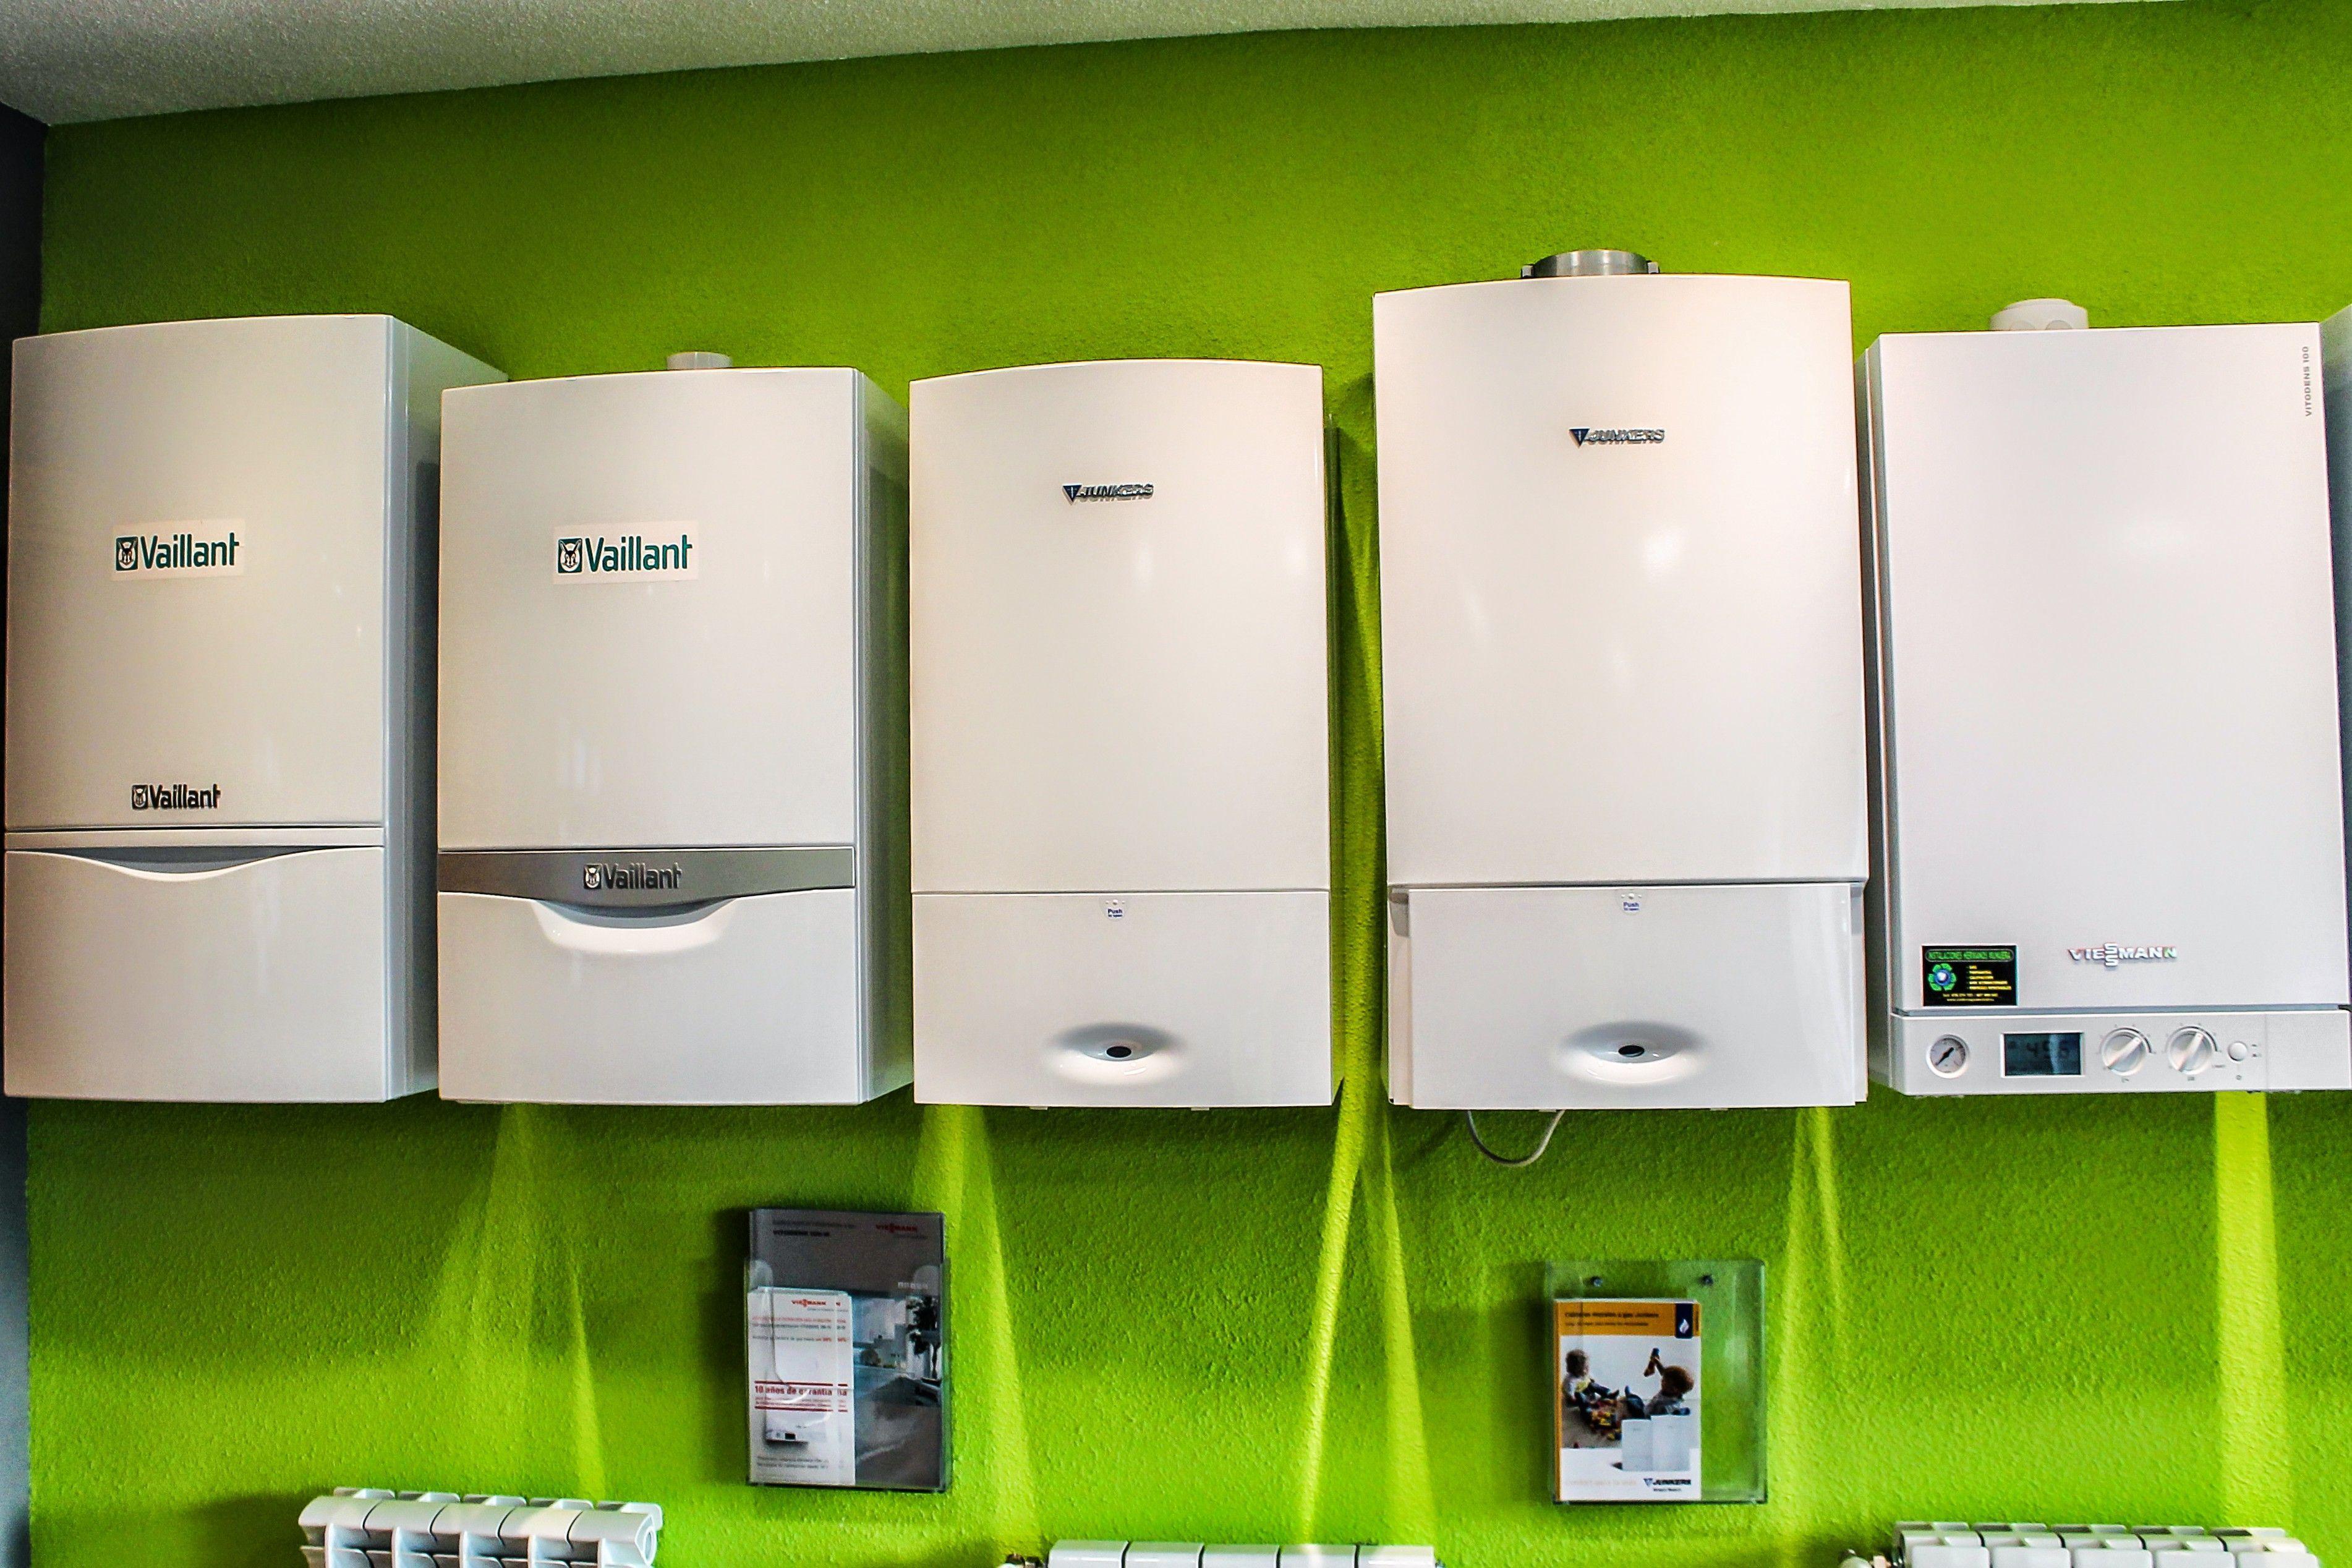 Instalaci n de calderas en coslada instalaciones - Empresas en coslada ...